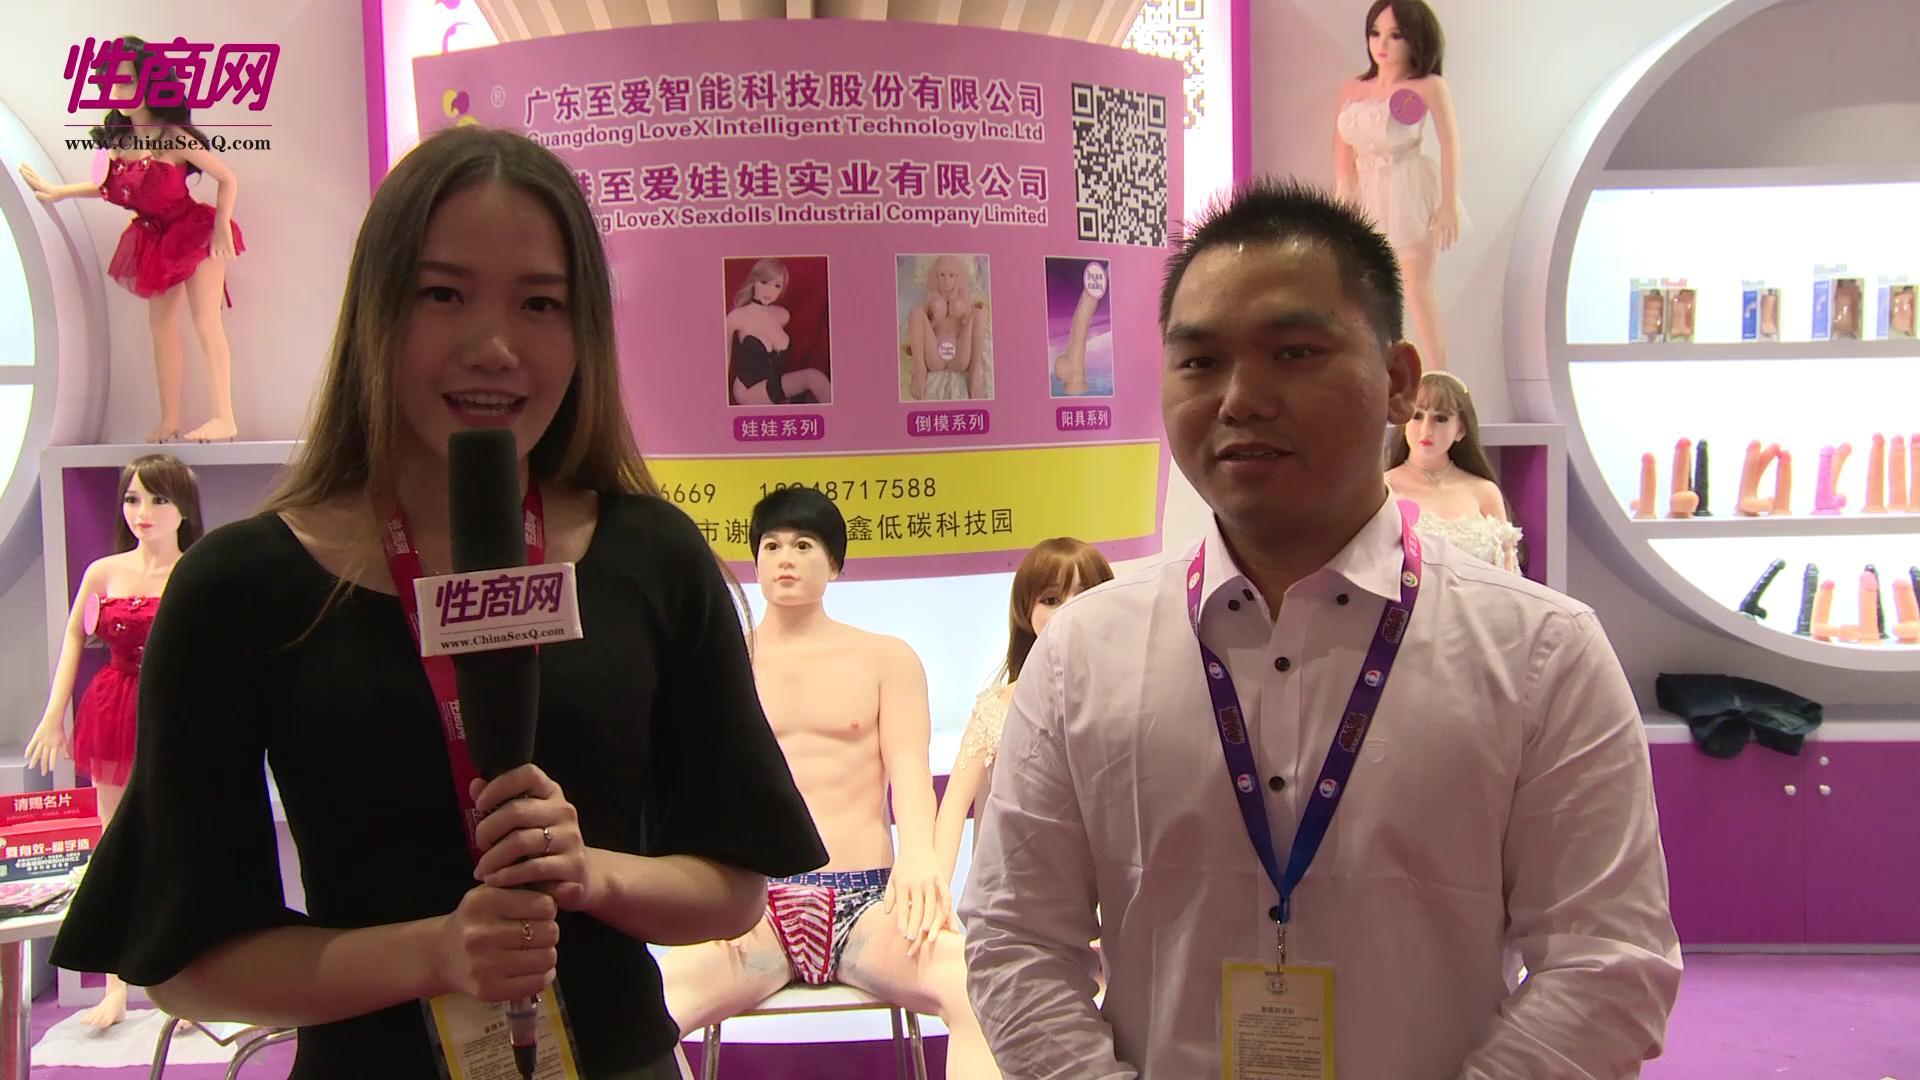 广州至爱人体娃娃接受性商网美女记者采访-2016广州性文化节性商专访图片1